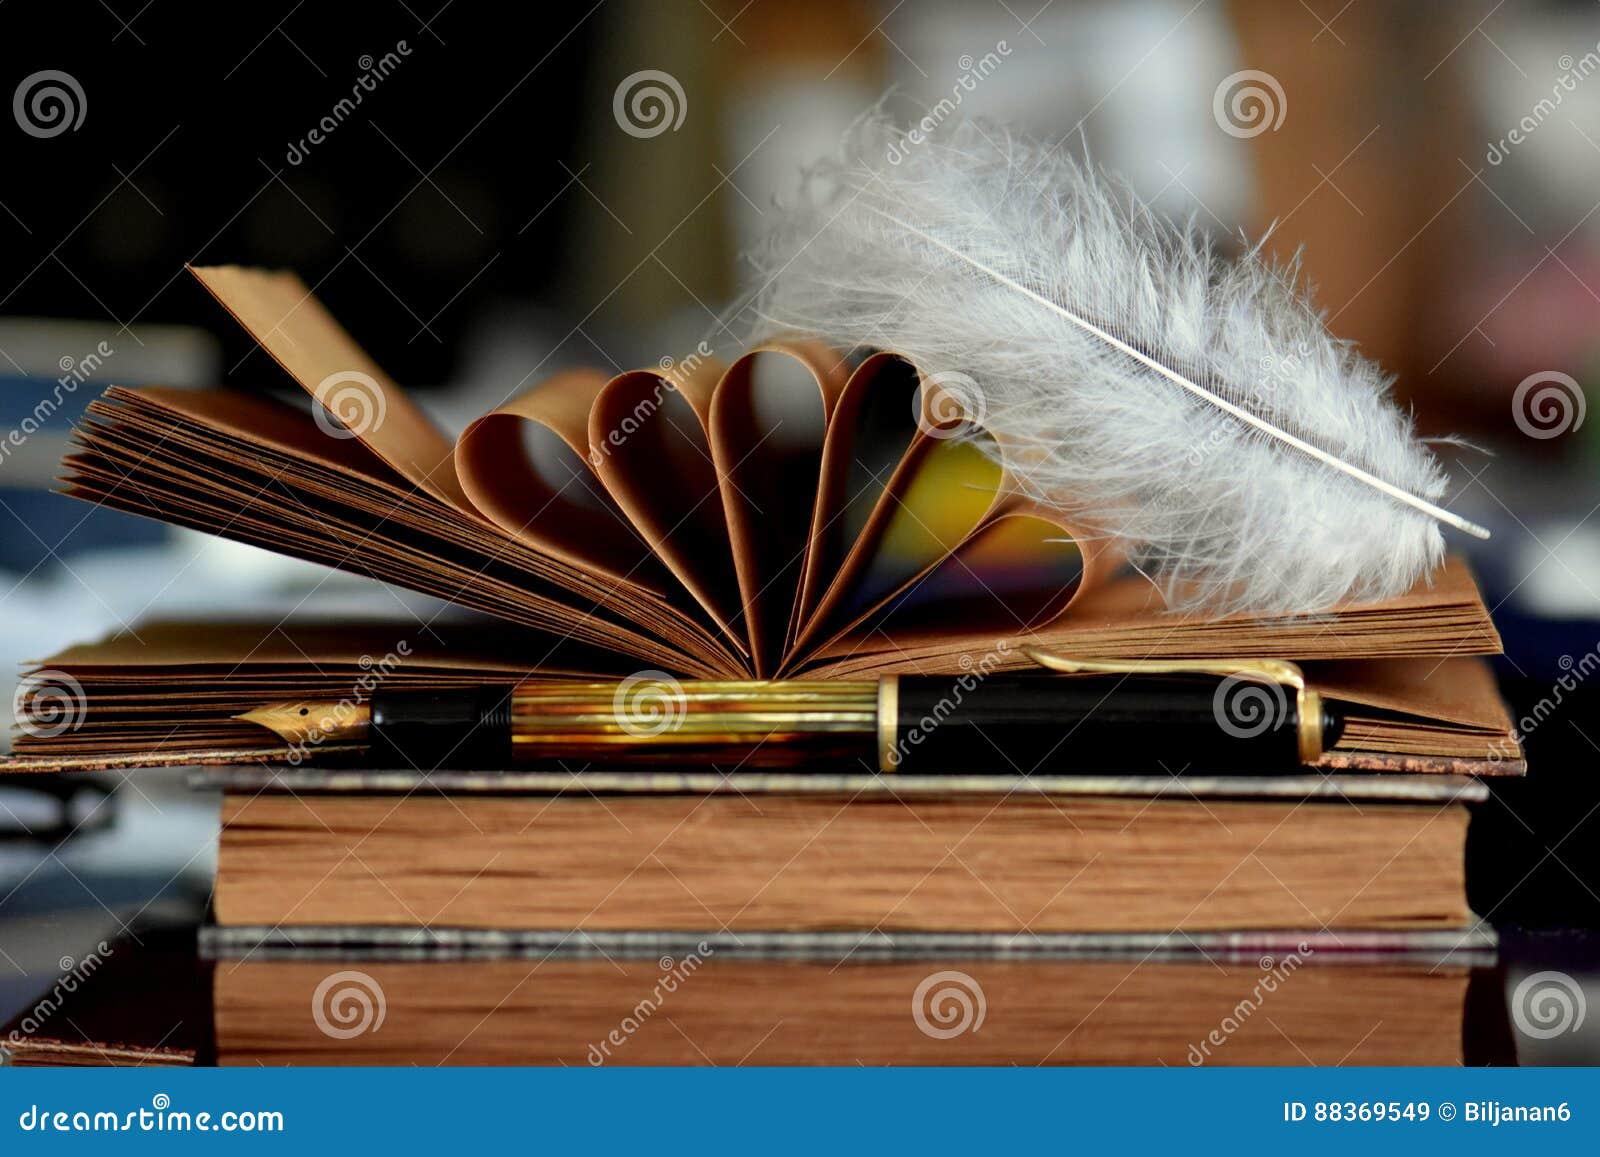 Libros viejos y pluma